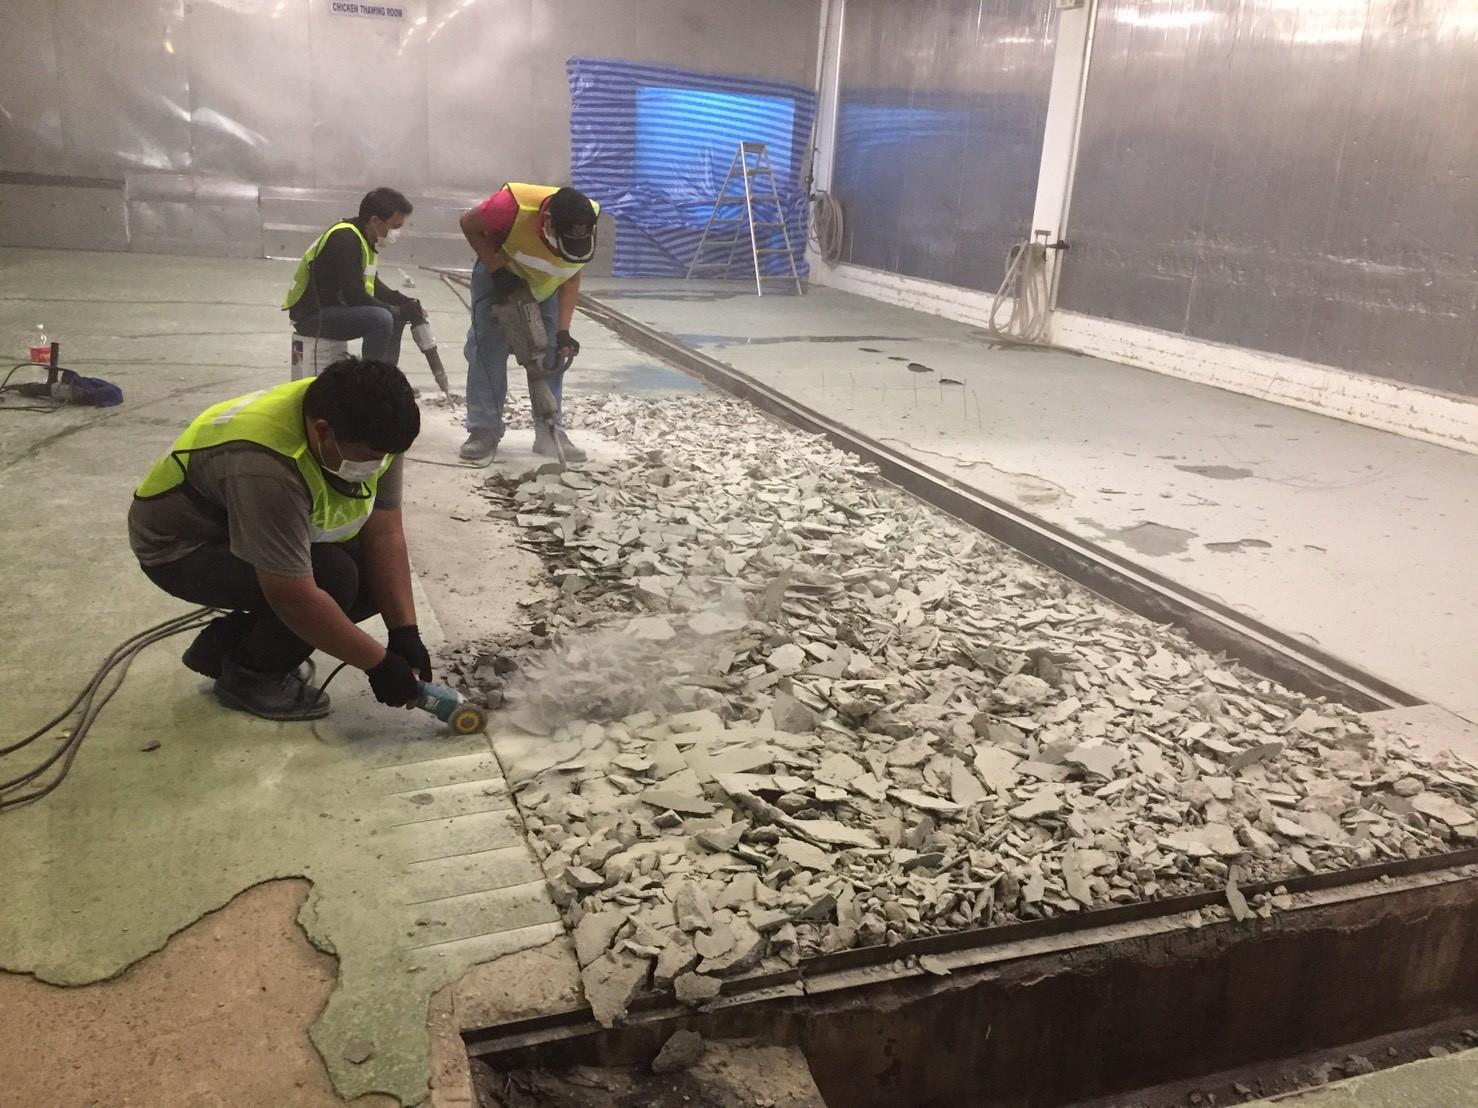 การซ่อมแซม | Techno Plus บริษัทรับซ่อมโครงสร้างอาคาร ระบบกันซึม ระบบเคลือบพื้นผิว